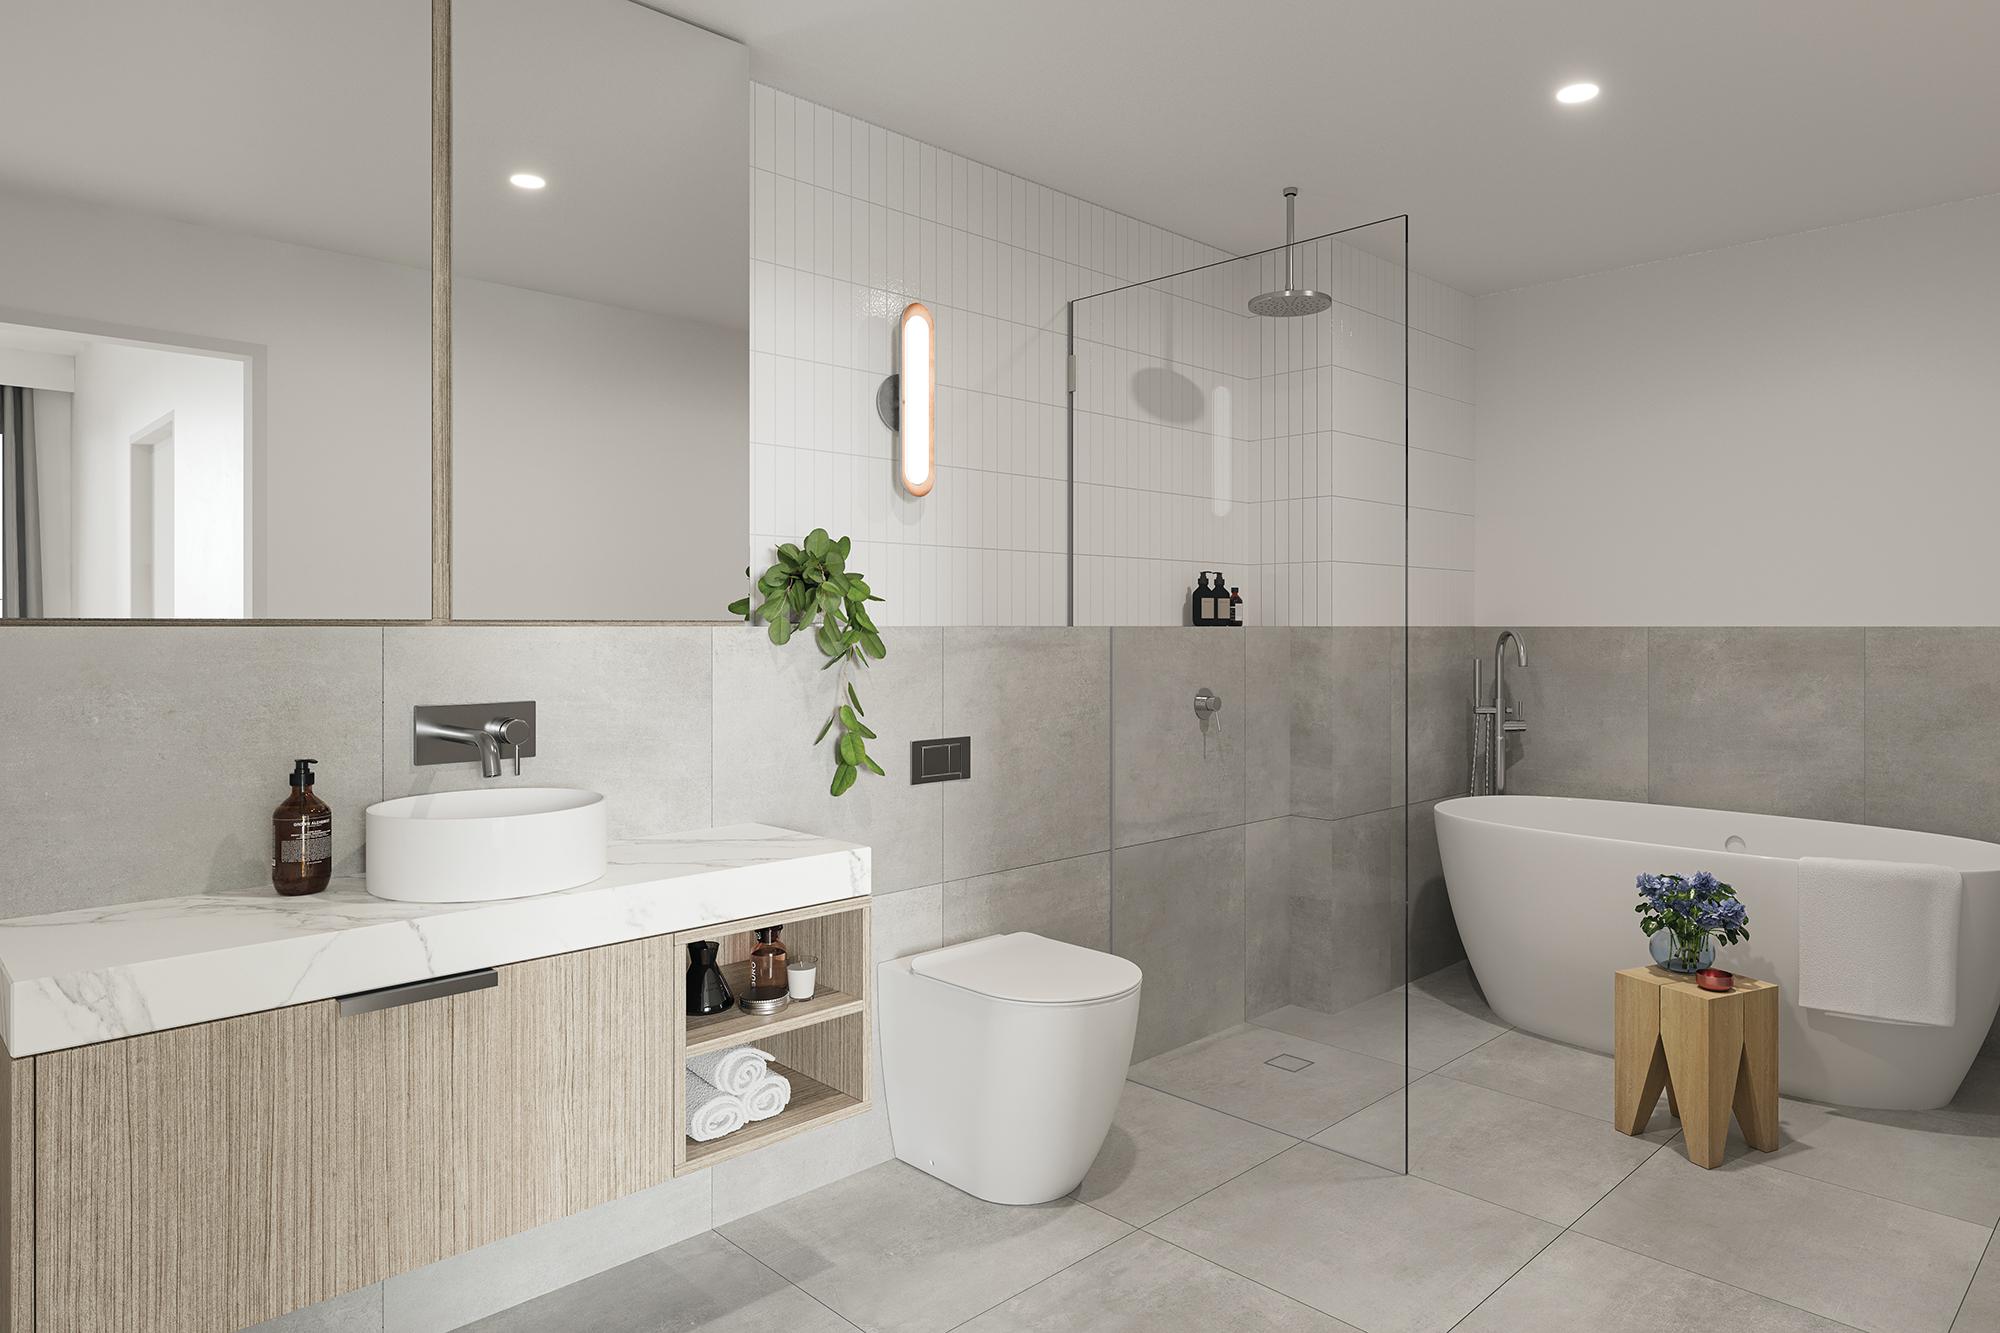 775-779 Doncaster Road, Doncaster_I05_Bathroom_300dpi_RGB_2000pxlW